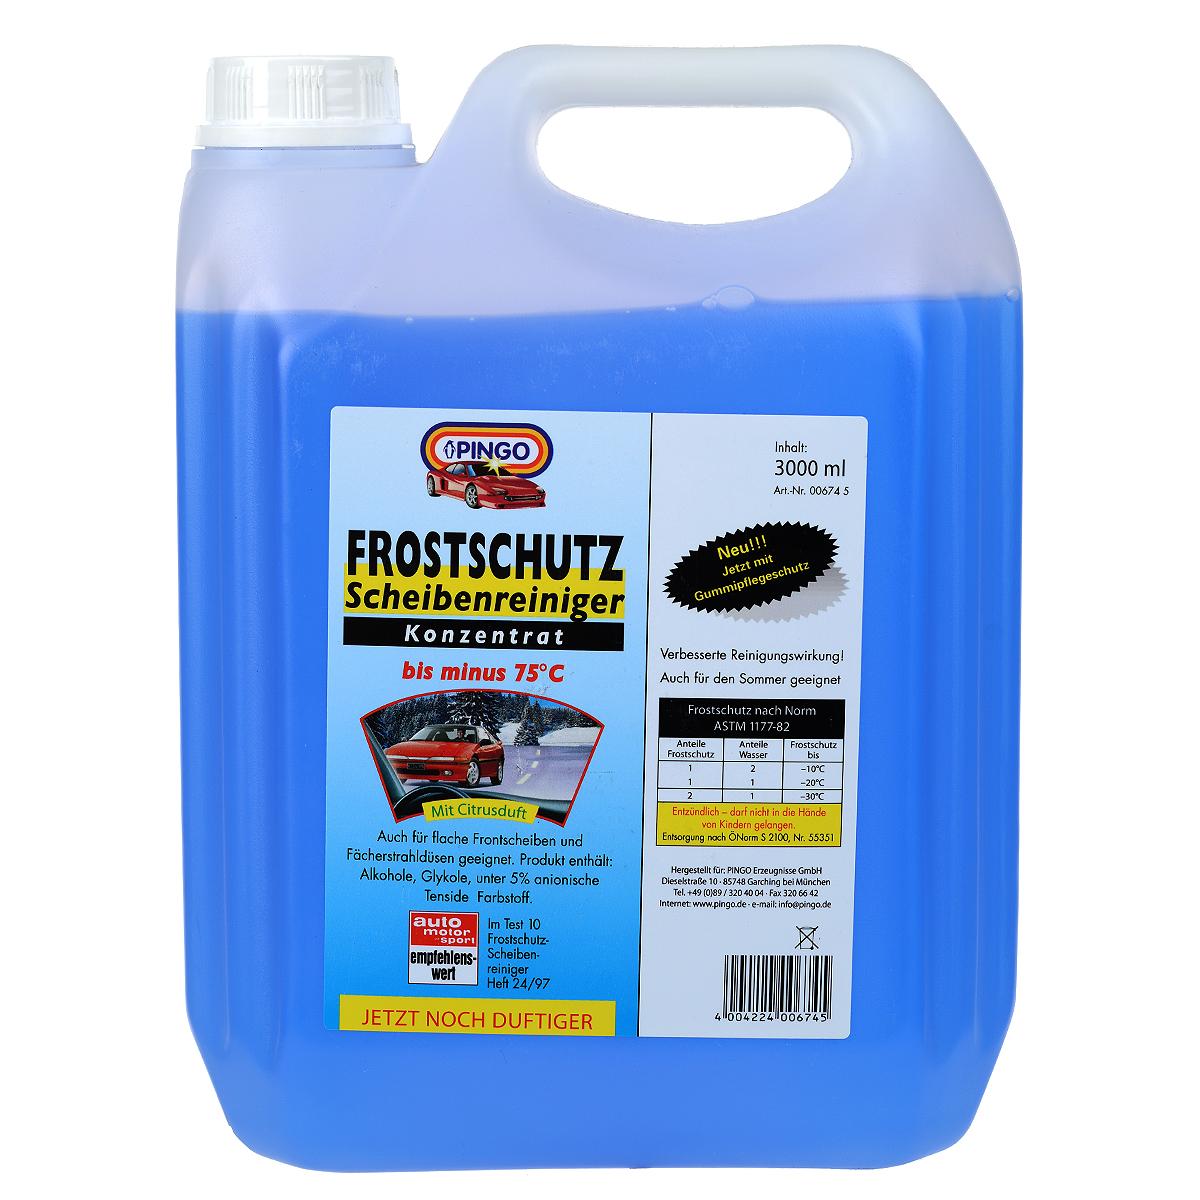 Незамерзающая стеклоочистительная жидкость Pingo, до -75°С, 3 л00674-5Обеспечивает быструю очистку лобового стекла автомобиля от дорожной грязи, химических реагентов, масляной пленки и т.д. Концентрат разбавляется водой в различных пропорциях в зависимости от температуры воздуха. Готовый состав не замерзает ни на стеклах, ни в шлангах, ни в форсунках стеклоомывателя. Благодаря наличию в составе активных моющих компонентов препарат эффективно и быстро очищает стекла от загрязнений, не оставляя разводов и мутной пленки. Содержит компоненты, удаляющие известковые отложения в шлангах и форсунках стеклоомывателя. Не повреждает лакокрасочное покрытие и пластик. Не содержит метанола. Изготовлена на базе изопропилового спирта. Способ применения: залить в бачок стеклоомывателя, разбавить водой в соответствии с таблицей, указанной на главной этикетке. Меры предосторожности: Избегать проглатывания и попадания в глаза. Не давать детям. Характеристики: Размер емкости: 19 см х 9,5 см х 25 см. Размер упаковки: 19 см х 9,5 см х 25...